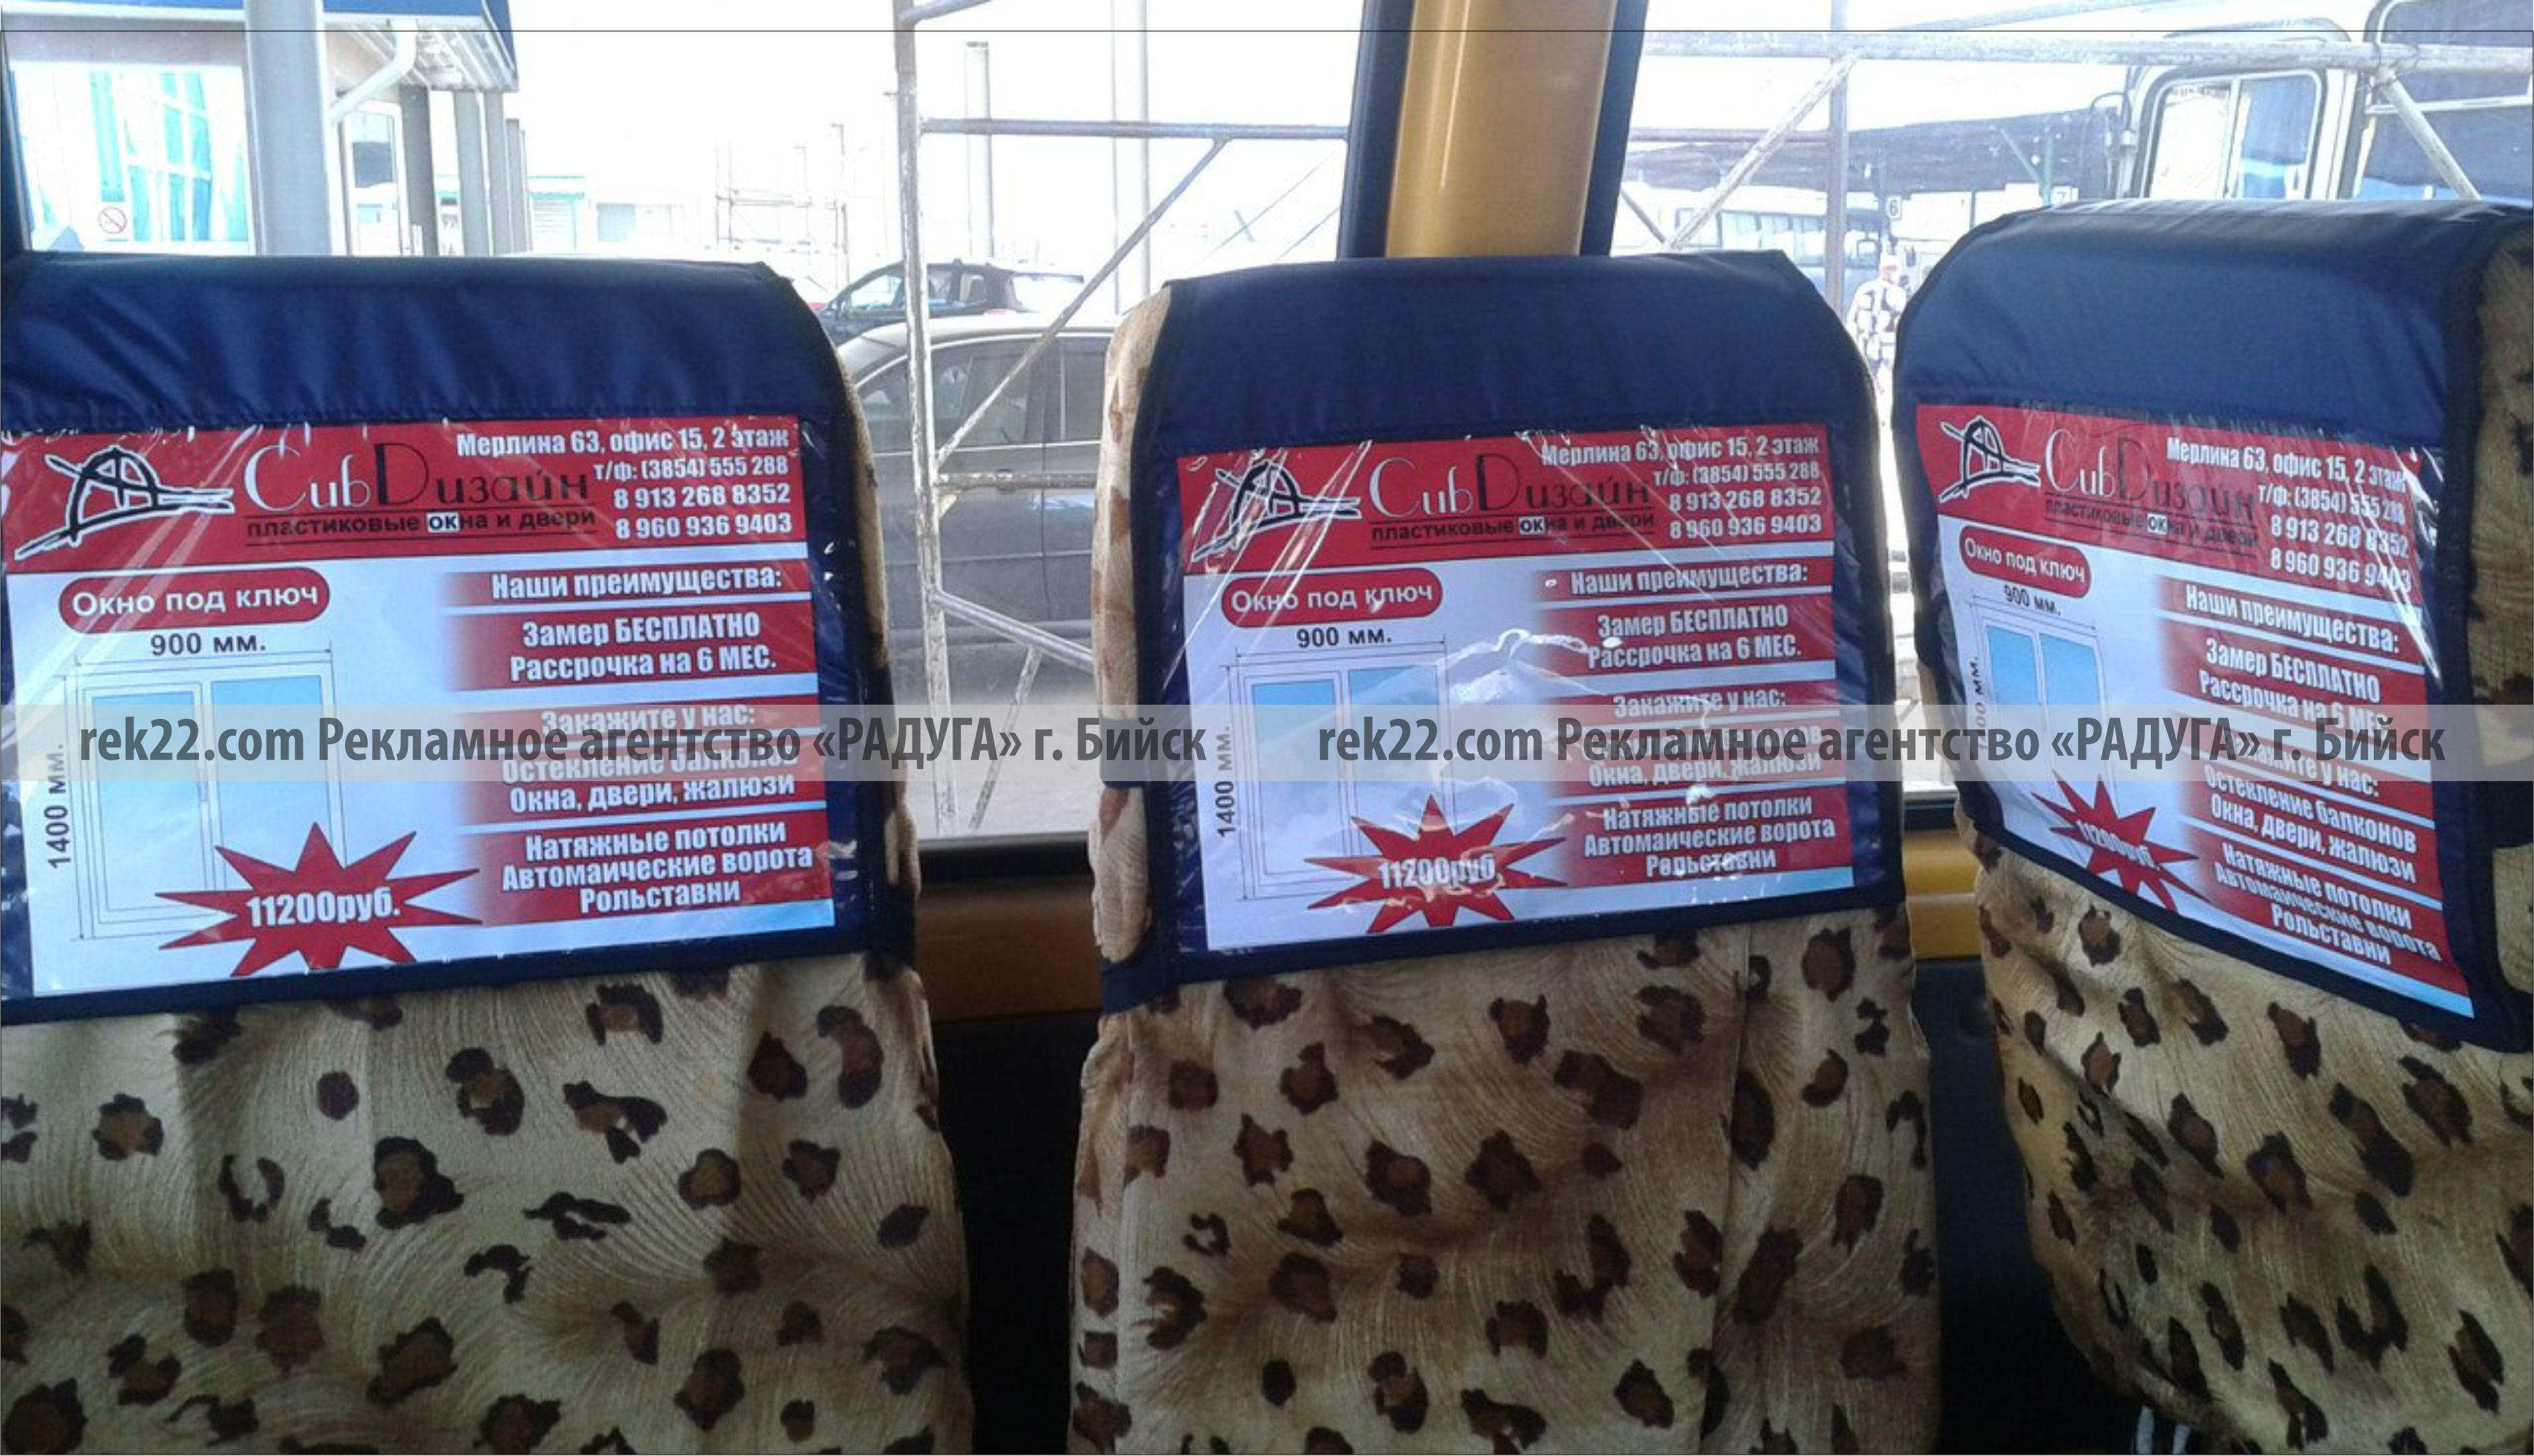 Реклама на транспорте Бийск - подголовники - 5